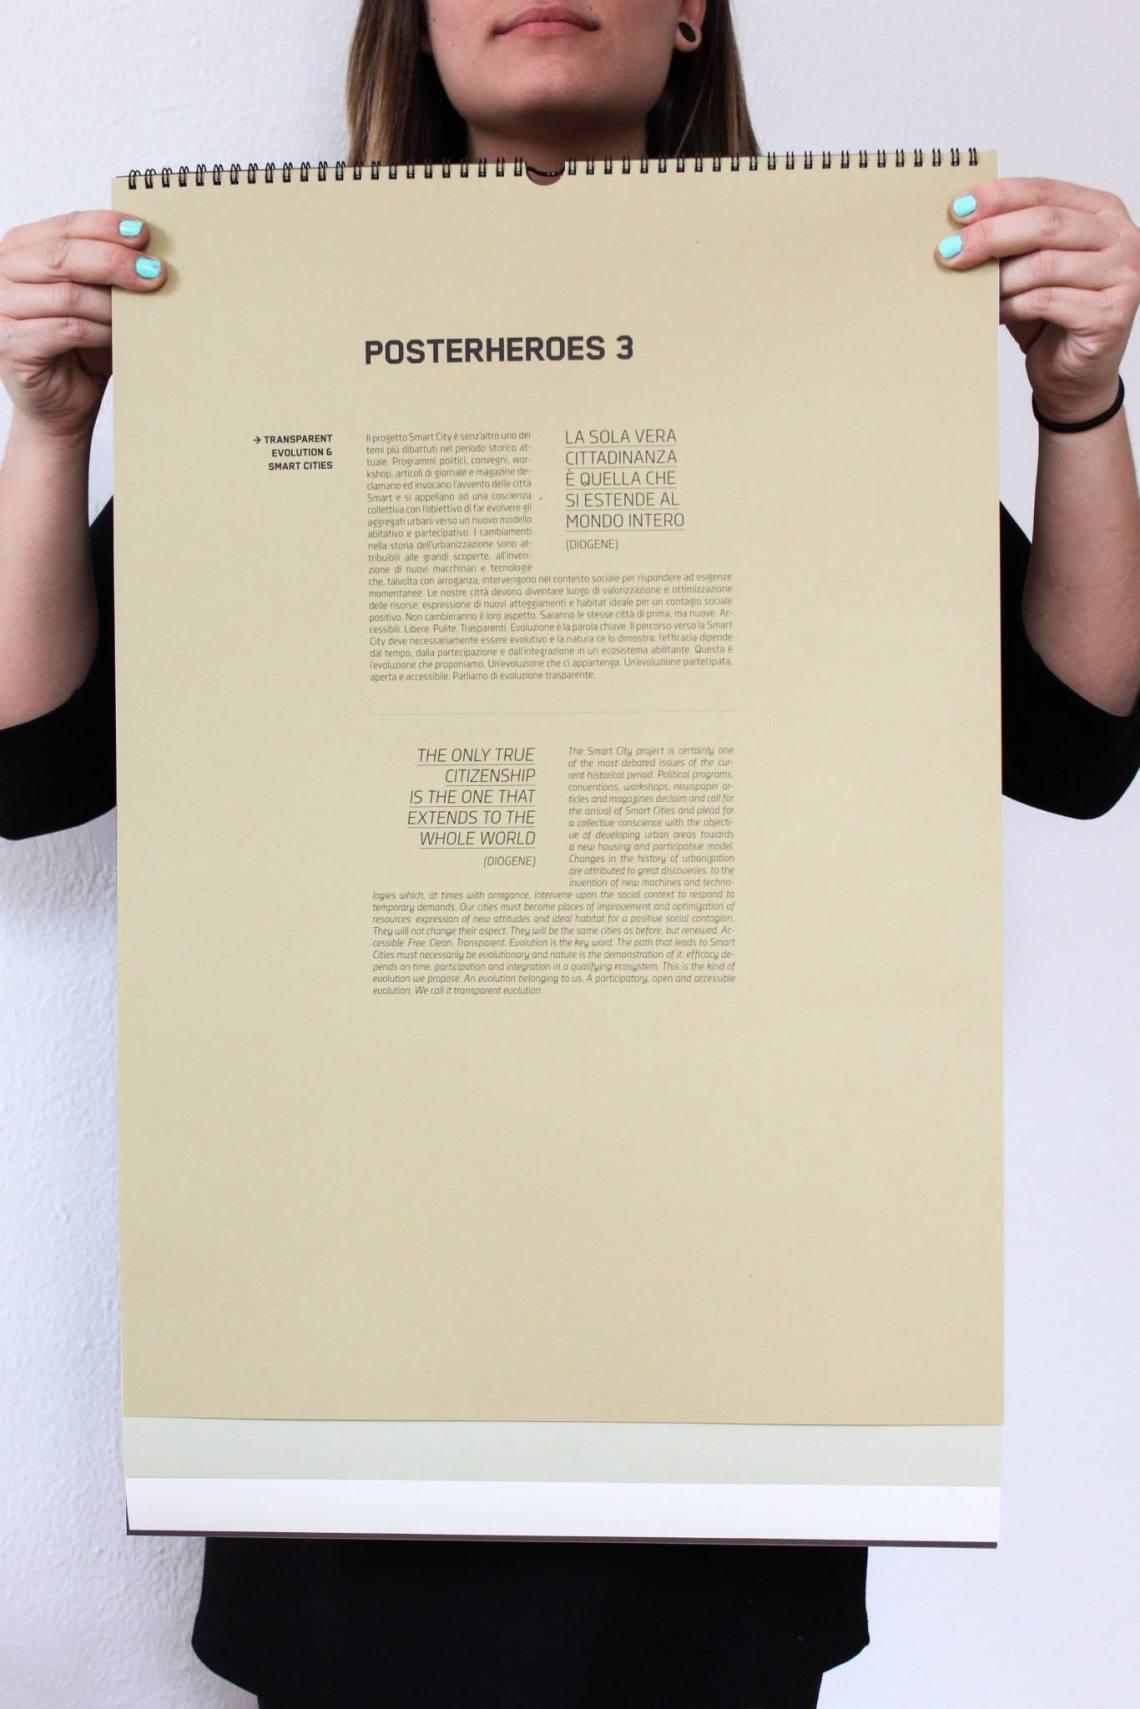 posterhereos 3 calendar 1